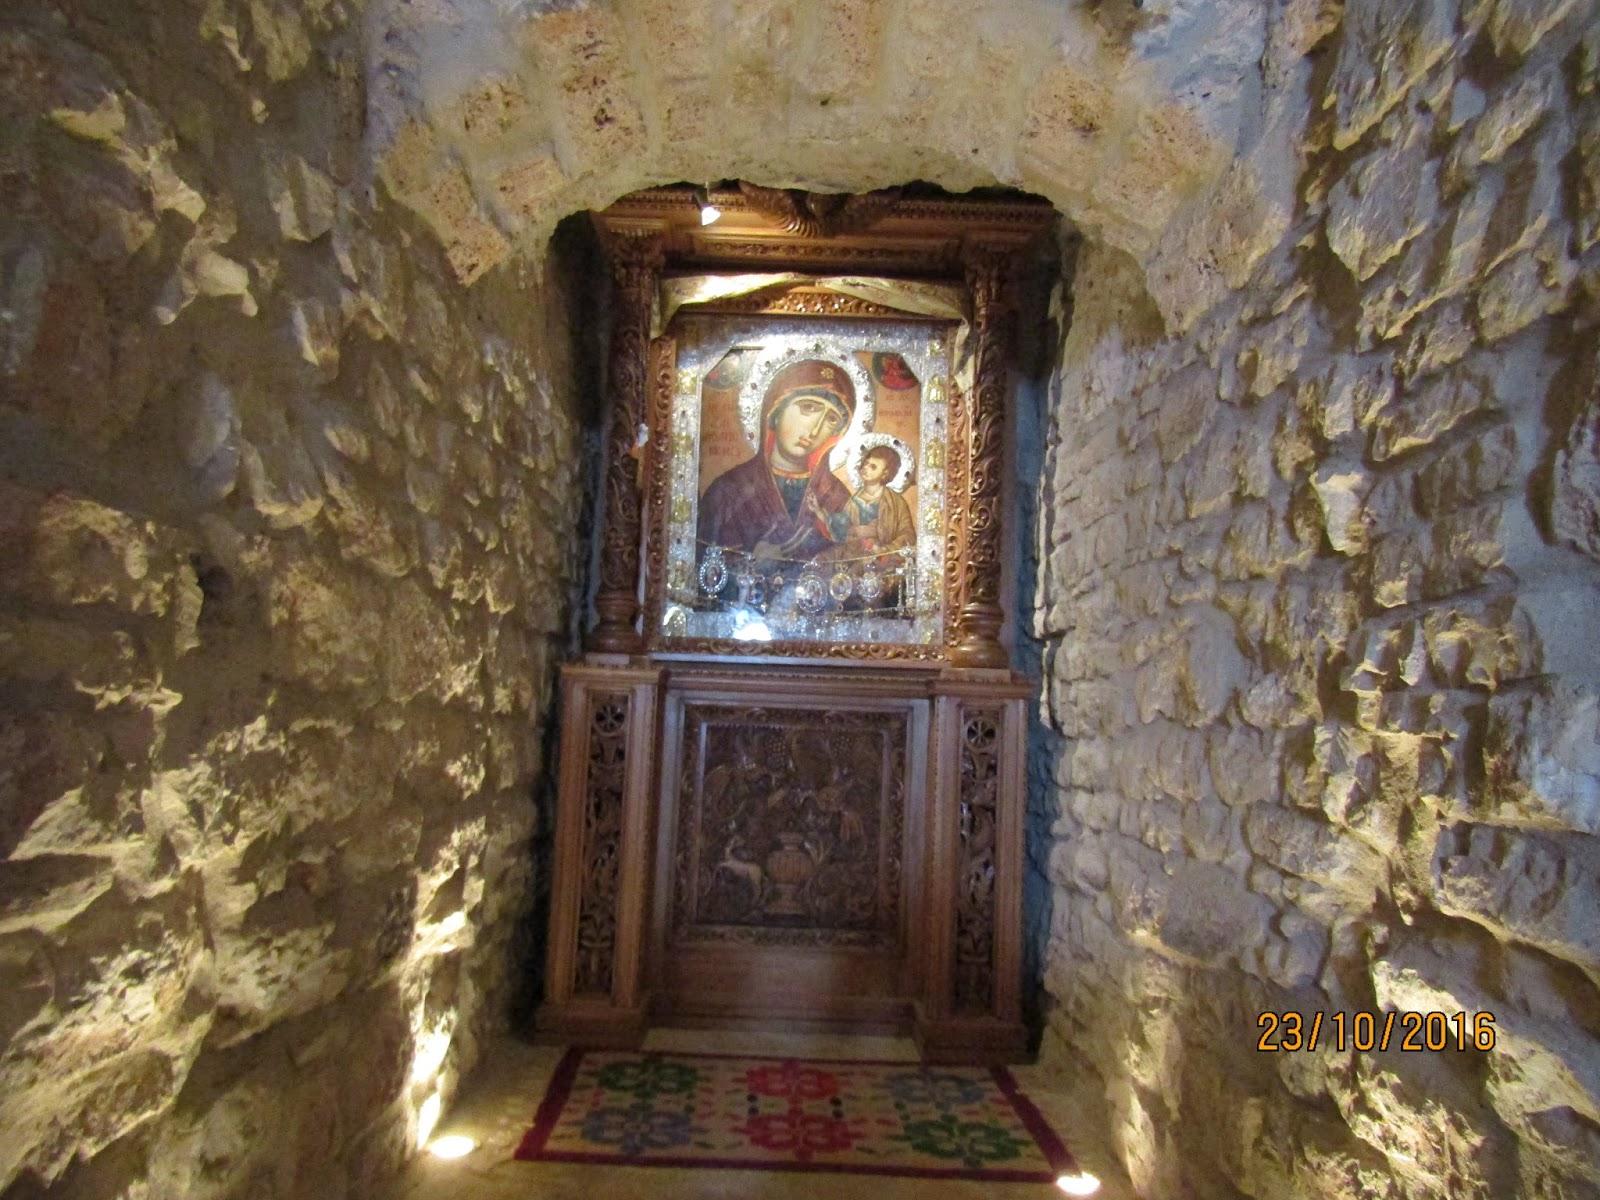 Φωτογραφίες από την Ιερά μας Παράκληση στην Ιερά Μονή Μυρτιάς